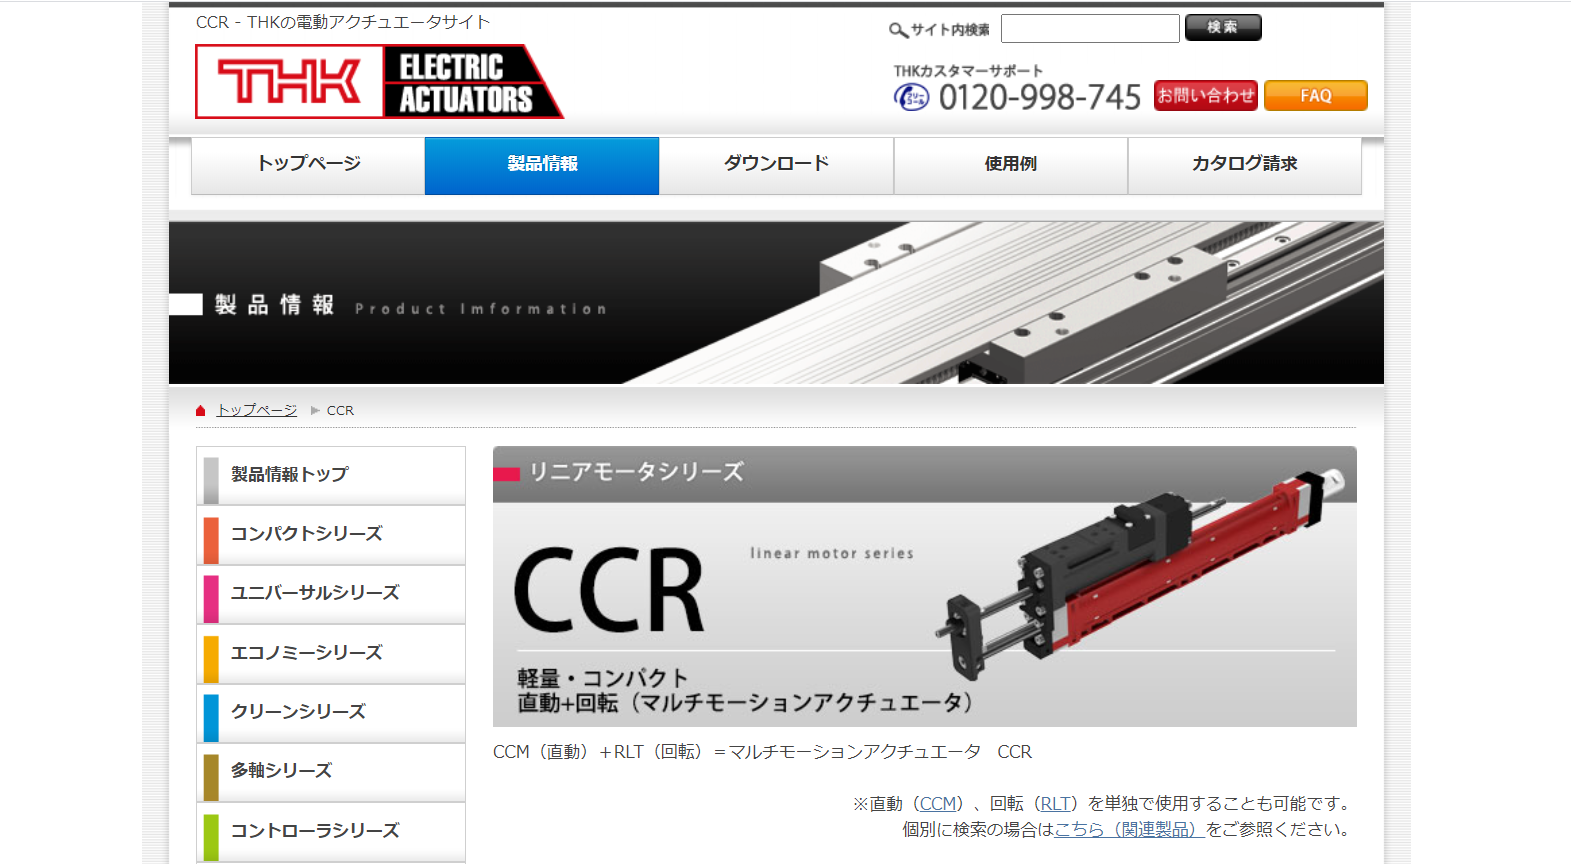 マルチモーションアクチュエータ CCR